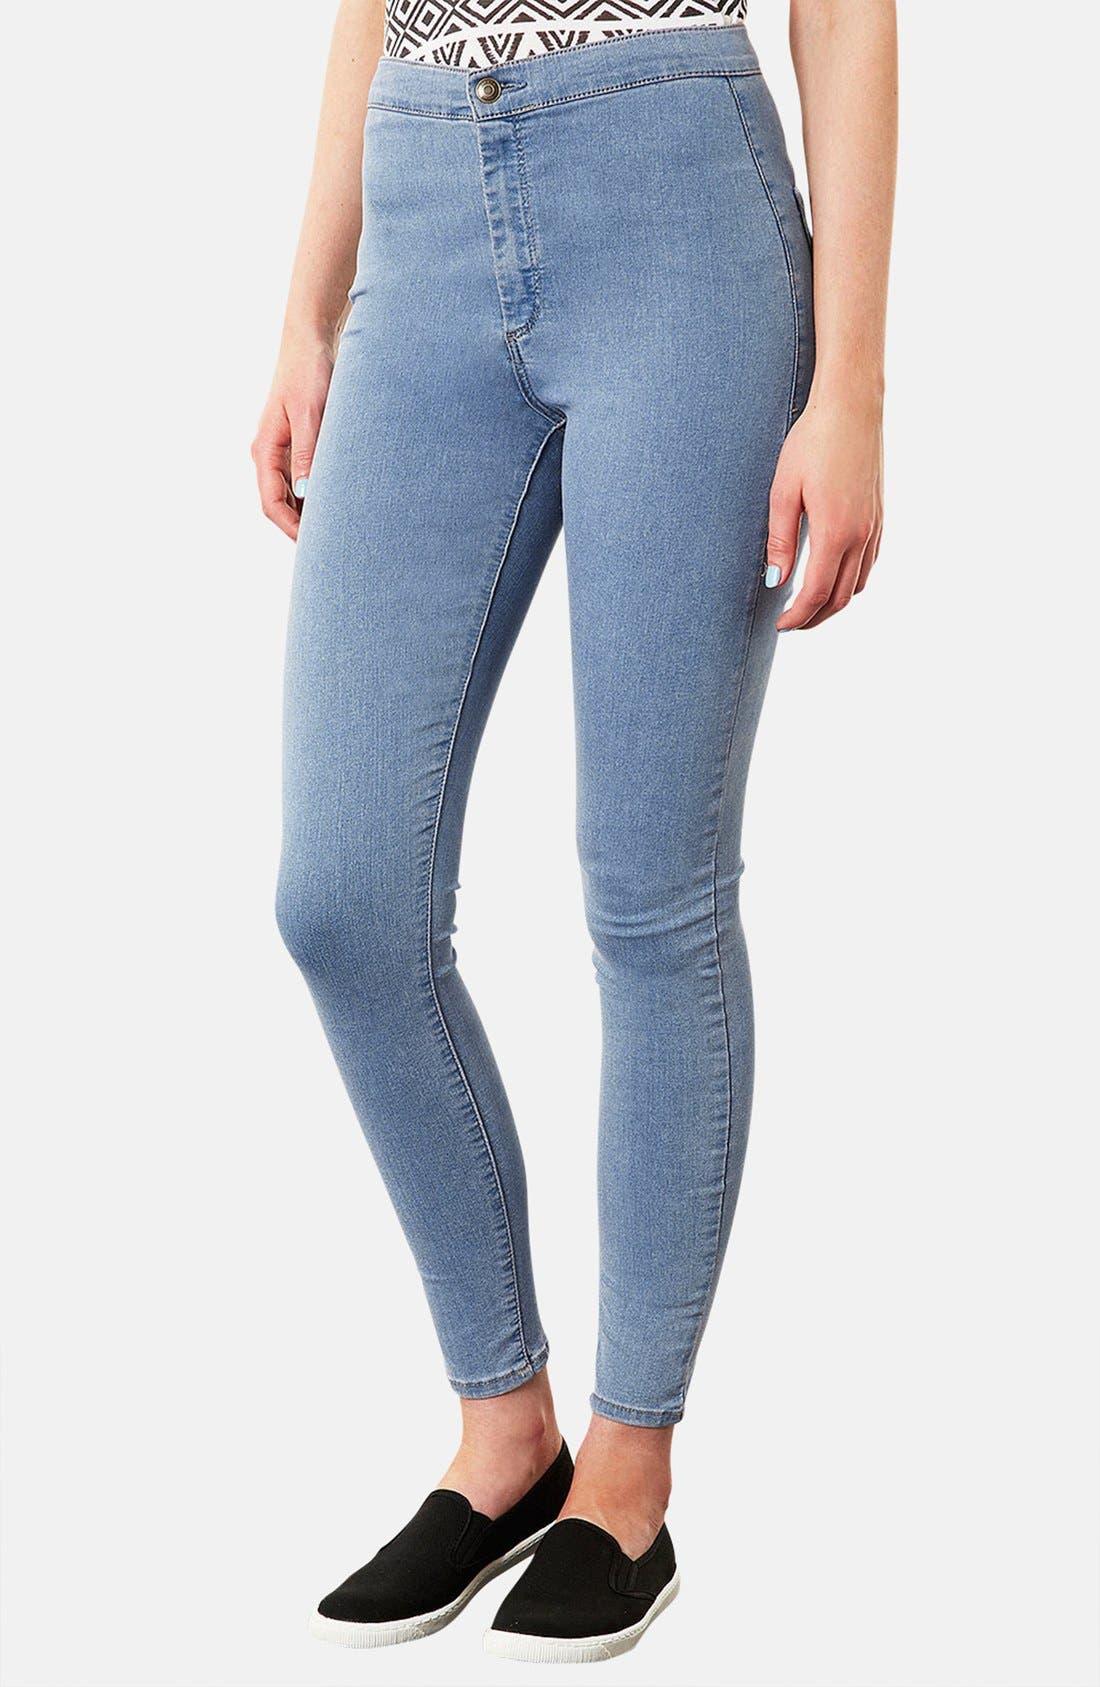 Main Image - Topshop Moto 'Joni' High Rise Skinny Jeans (Mid Stone)